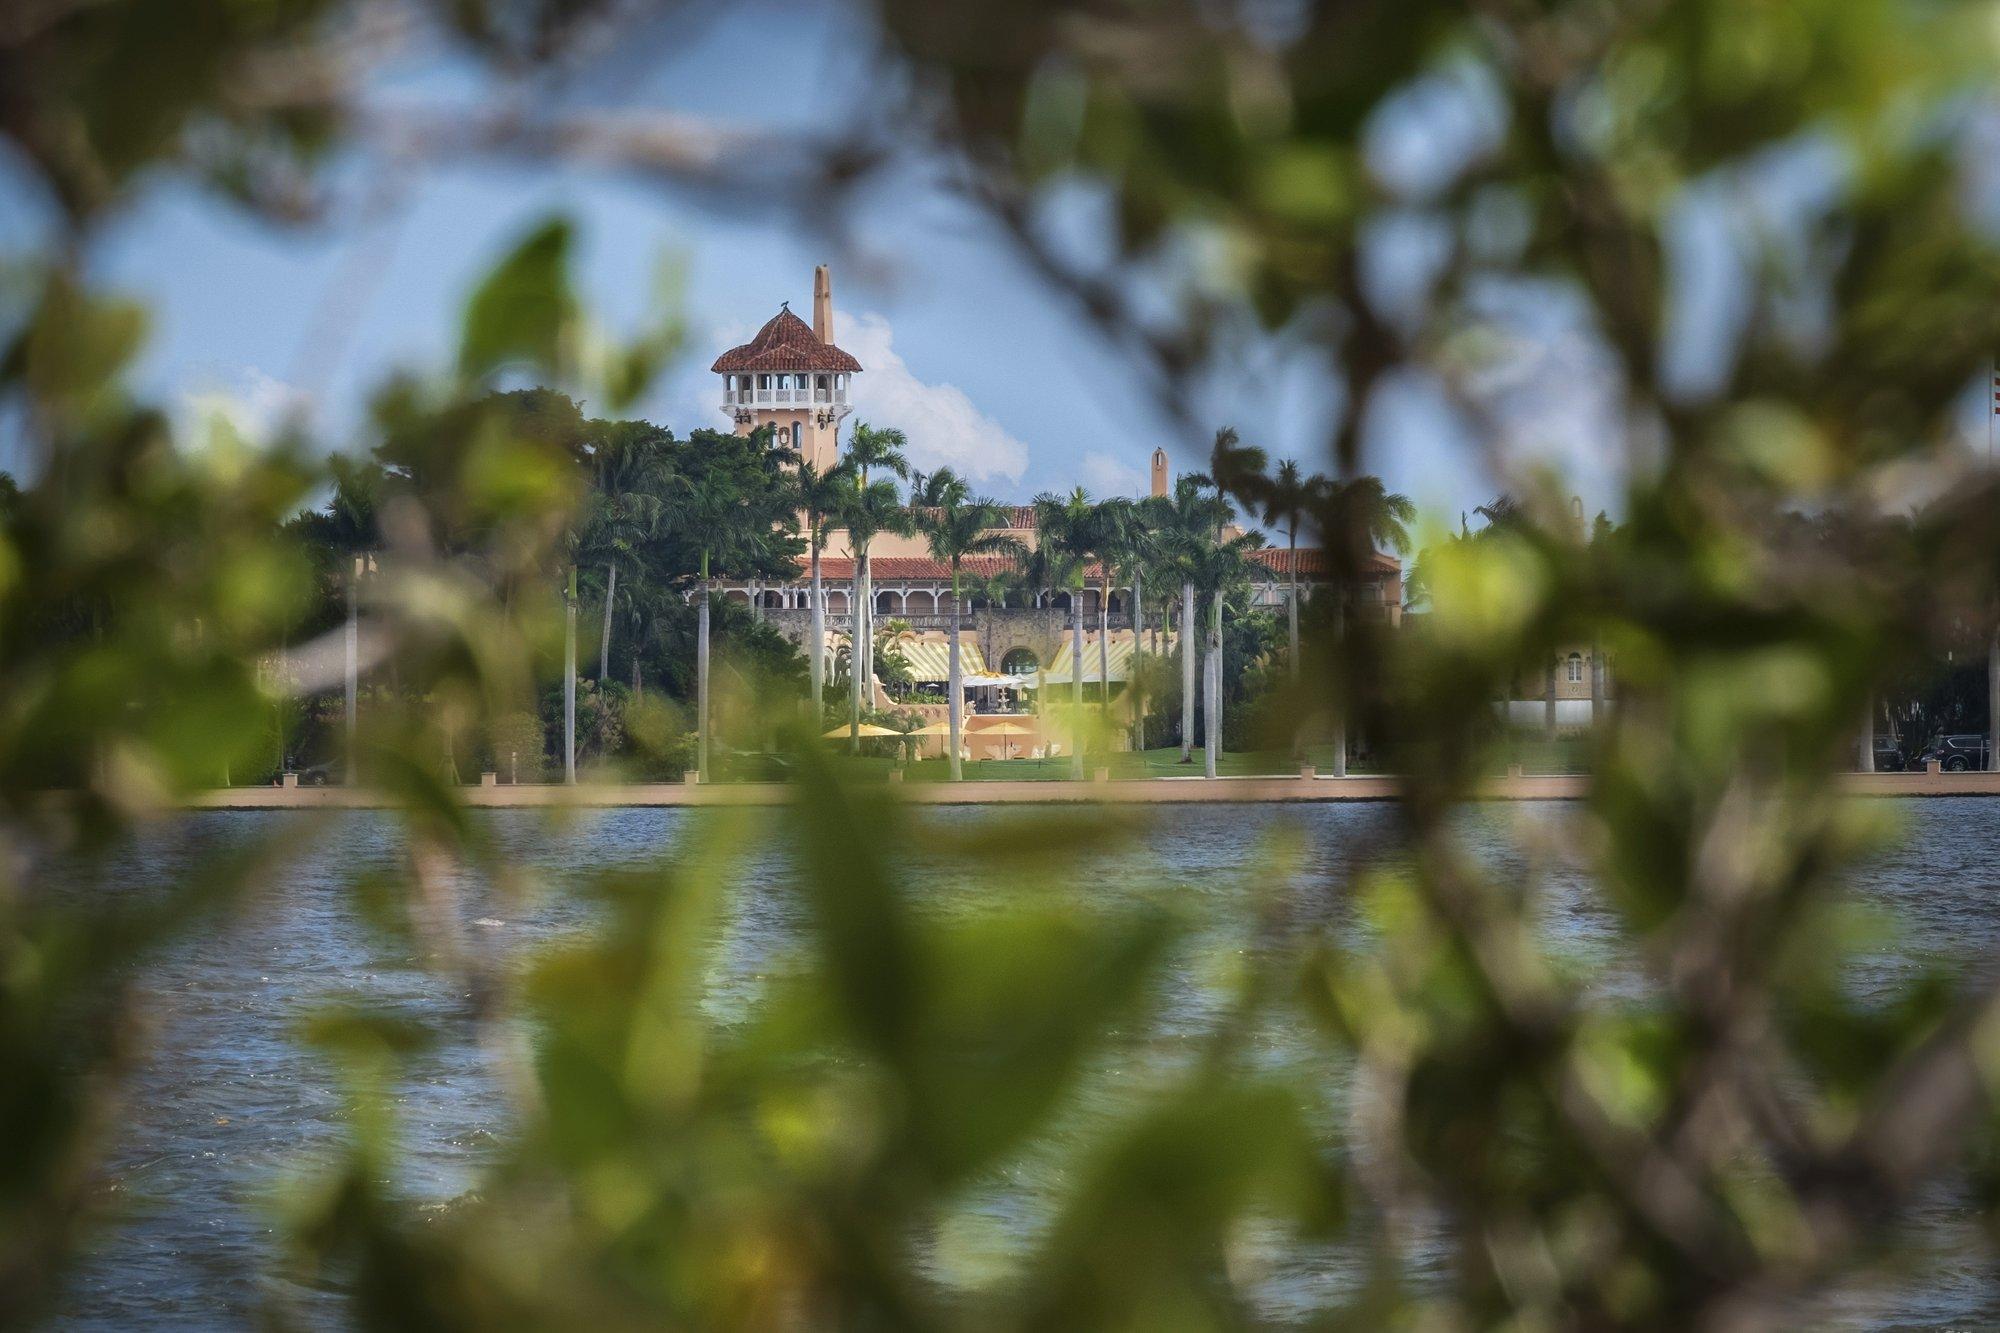 Trump's Mar-a-Lago estate_1543176872741.jpg.jpg